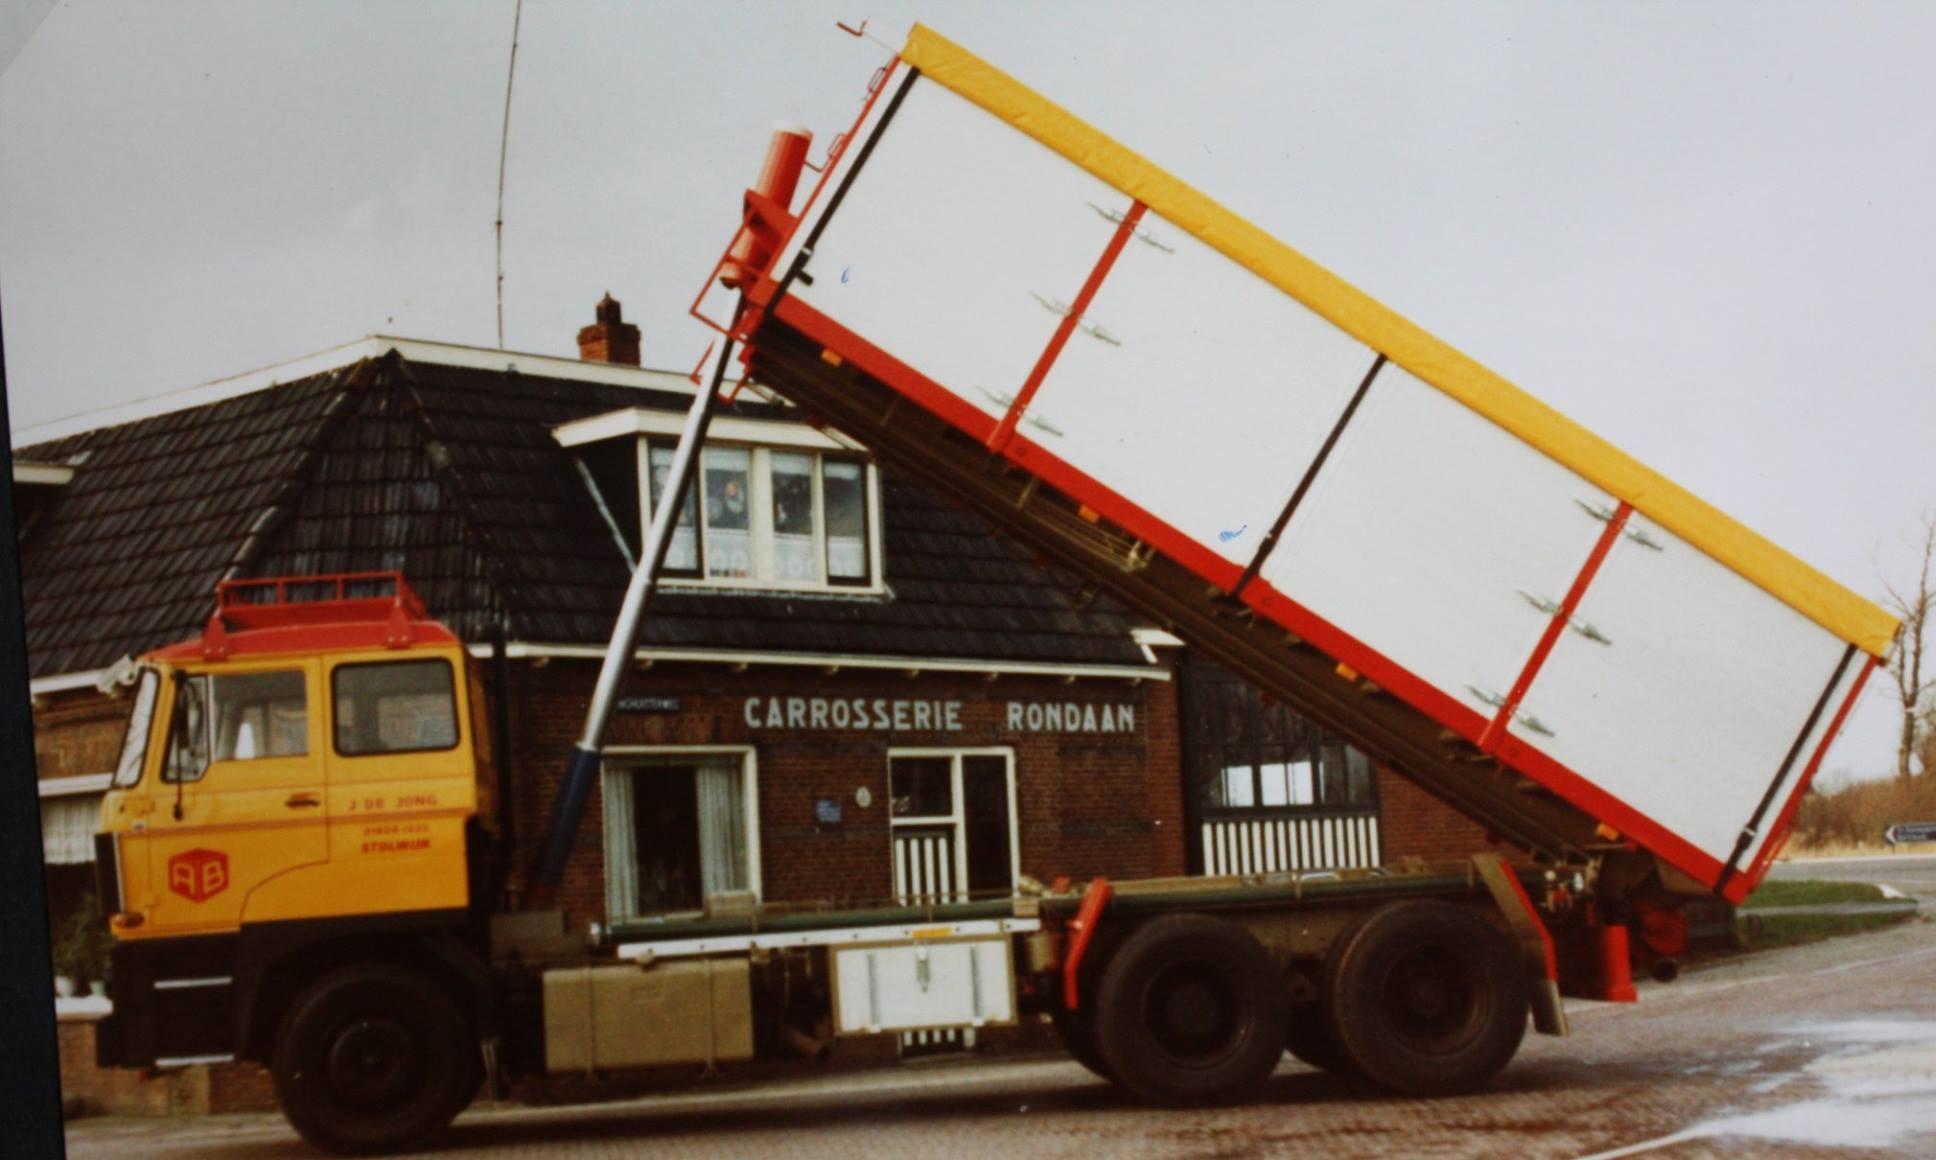 bulkwagen-is-door-Rondaan-gebouwd-voor-J-de-Jong-uit-Stolwijk-hij-rijdt-voor-Arie-Blok-uit-Woerden-1